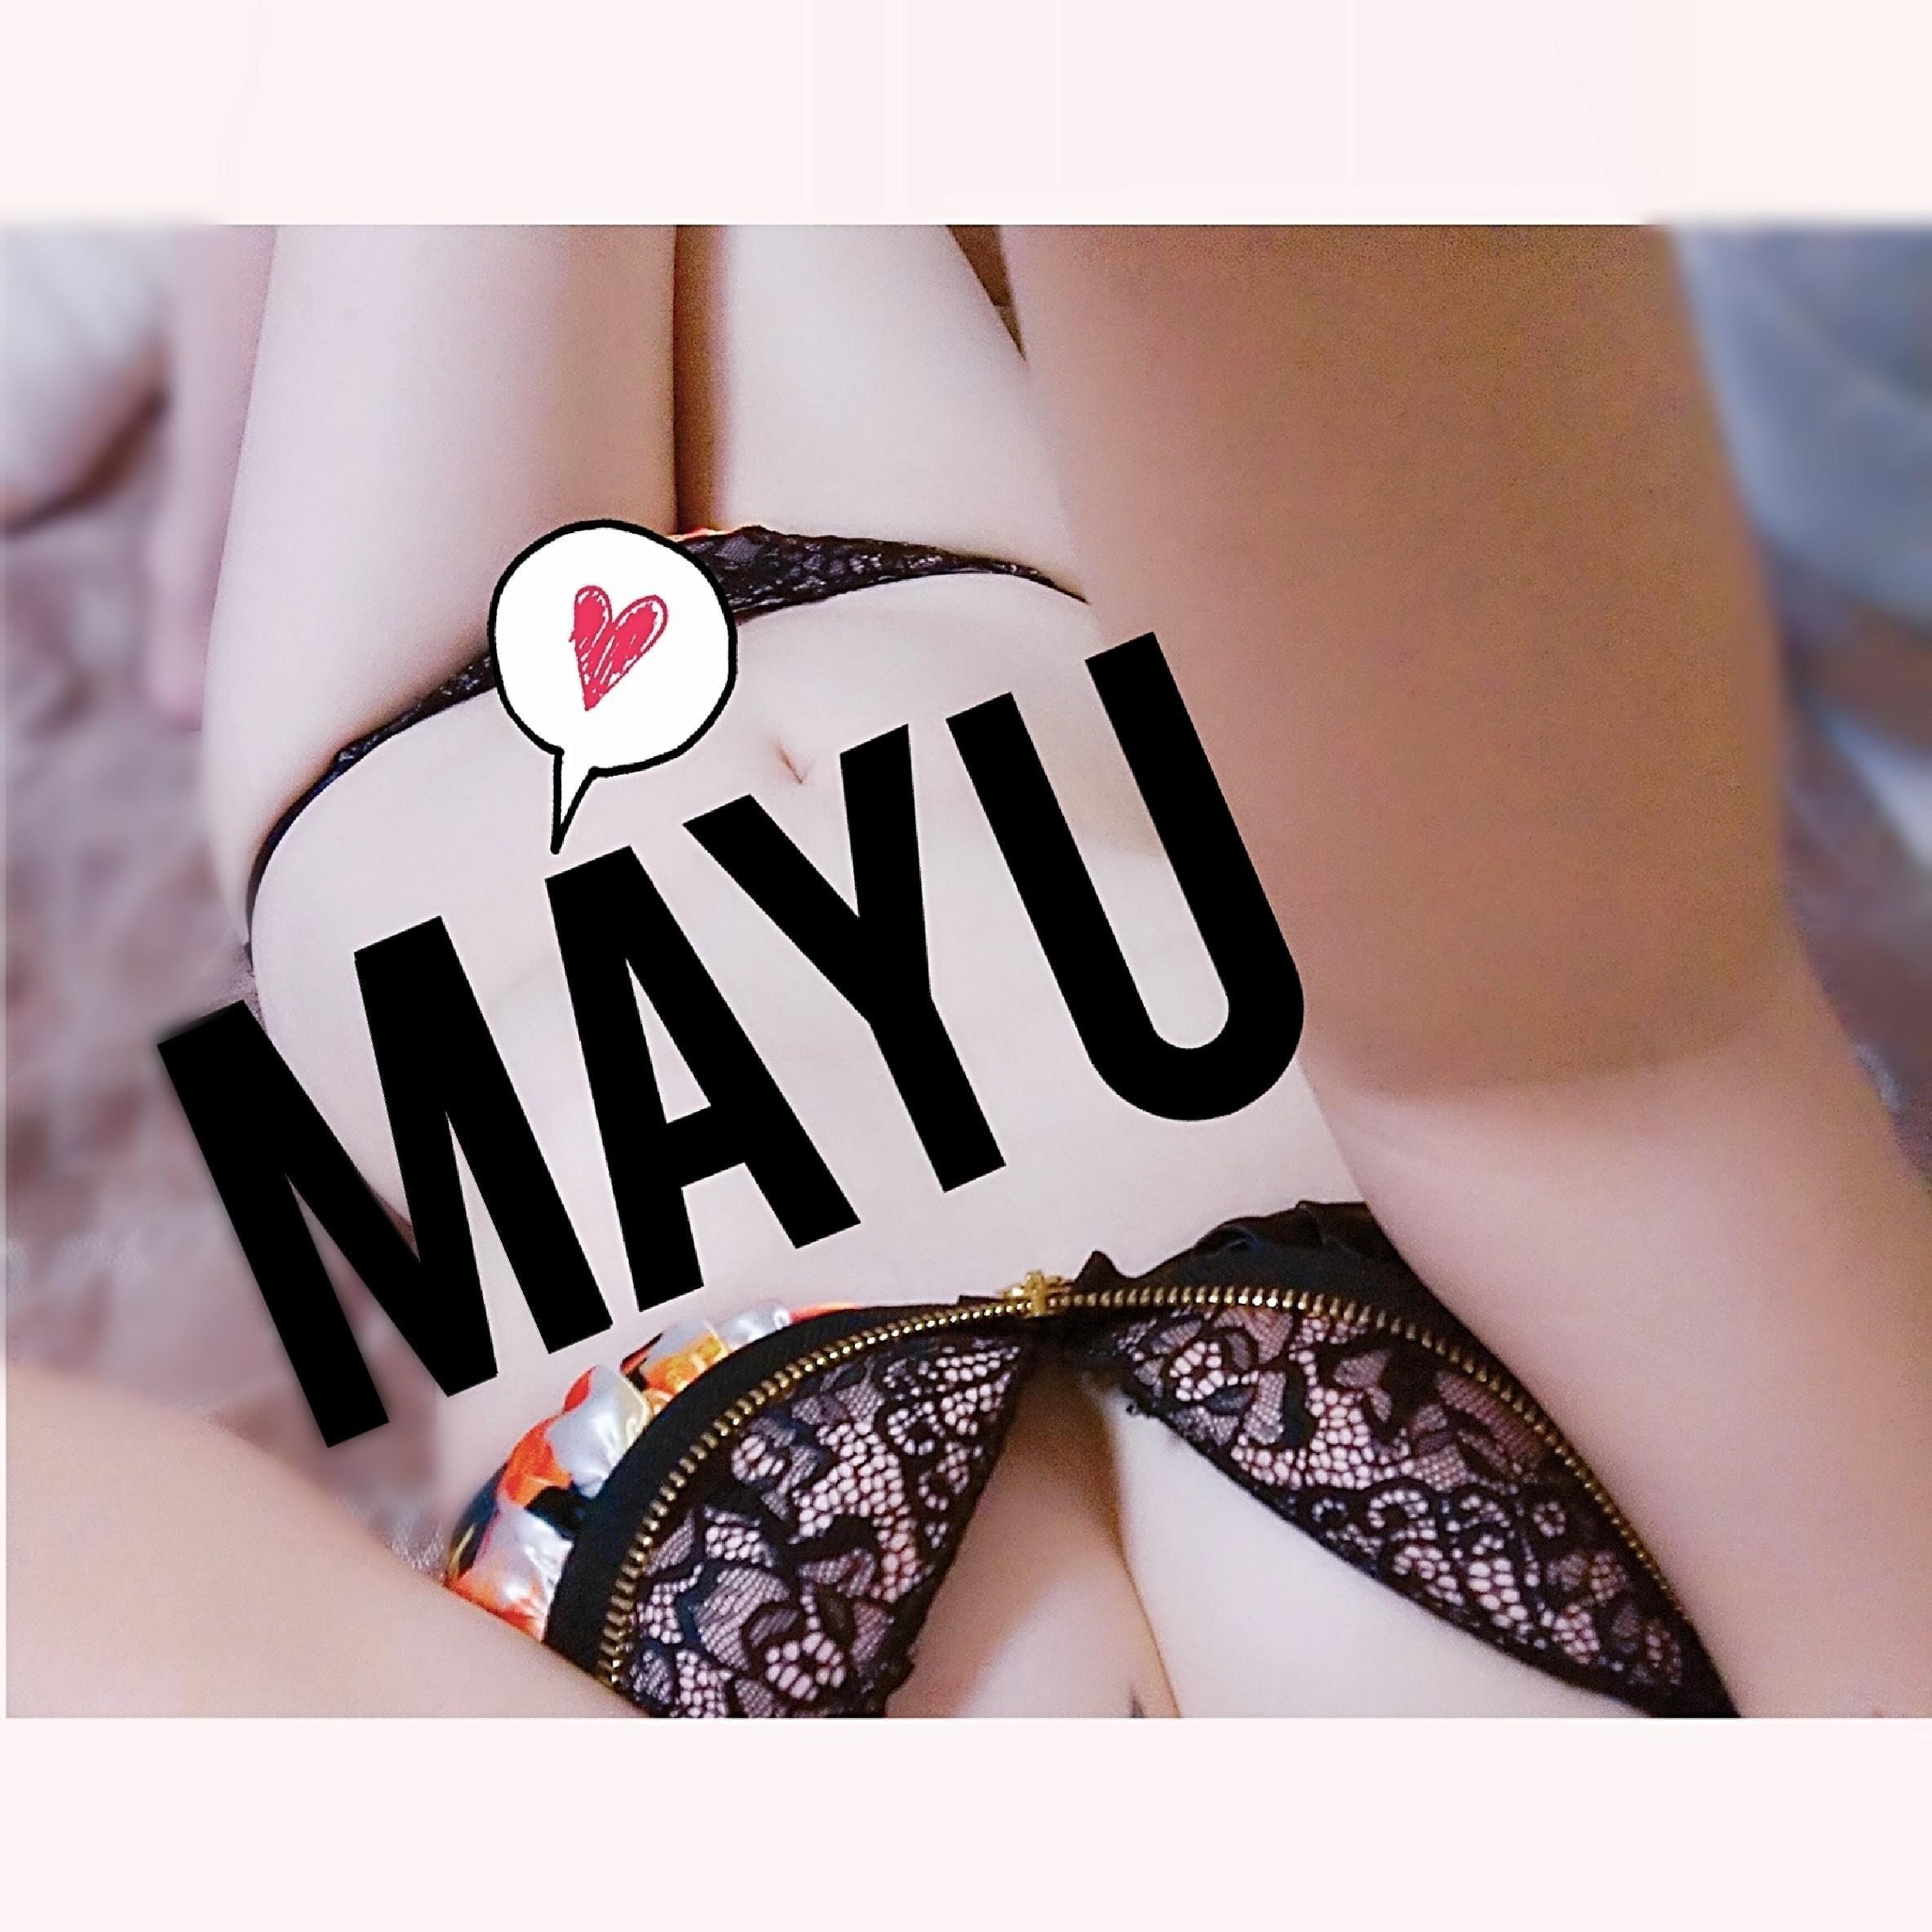 「♡お礼です♡」09/25日(火) 17:15   マユの写メ・風俗動画